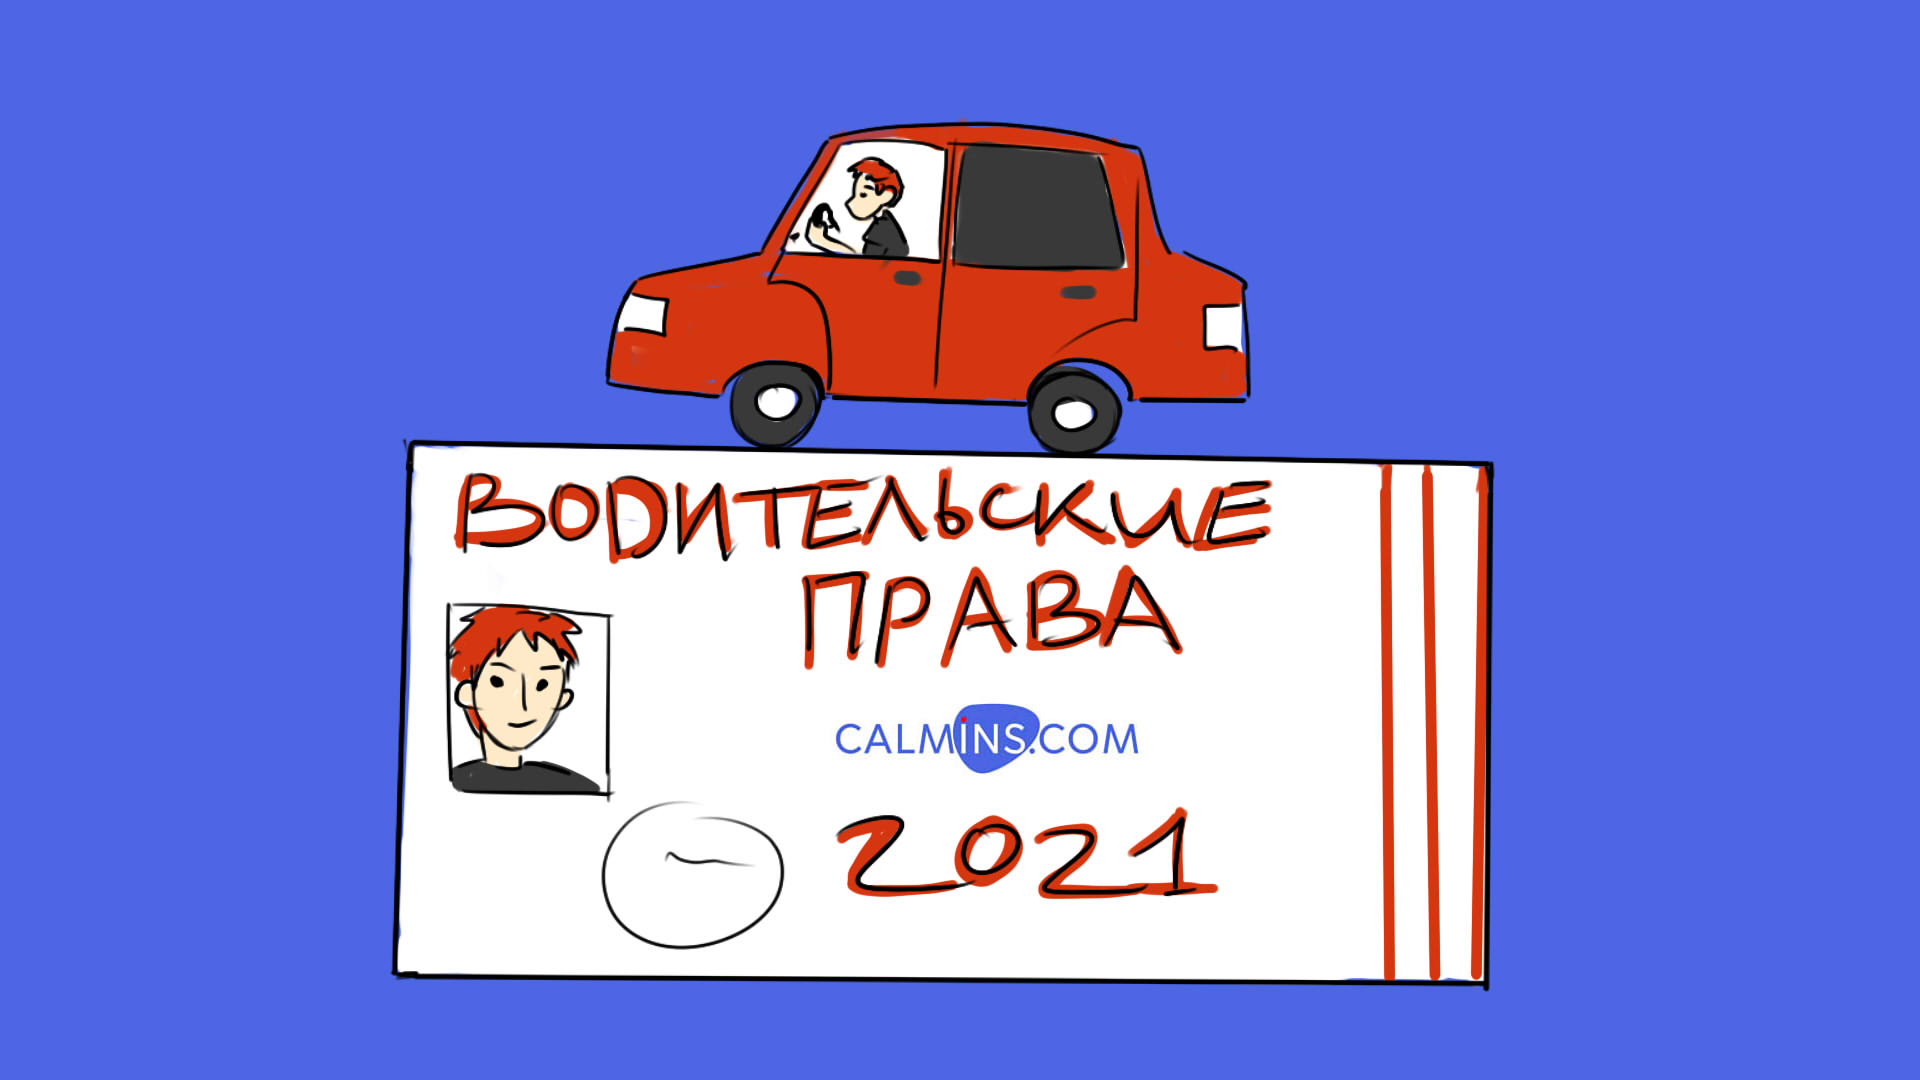 Нужны ли изменения в процедуре прохождения медкомиссии для водителей?